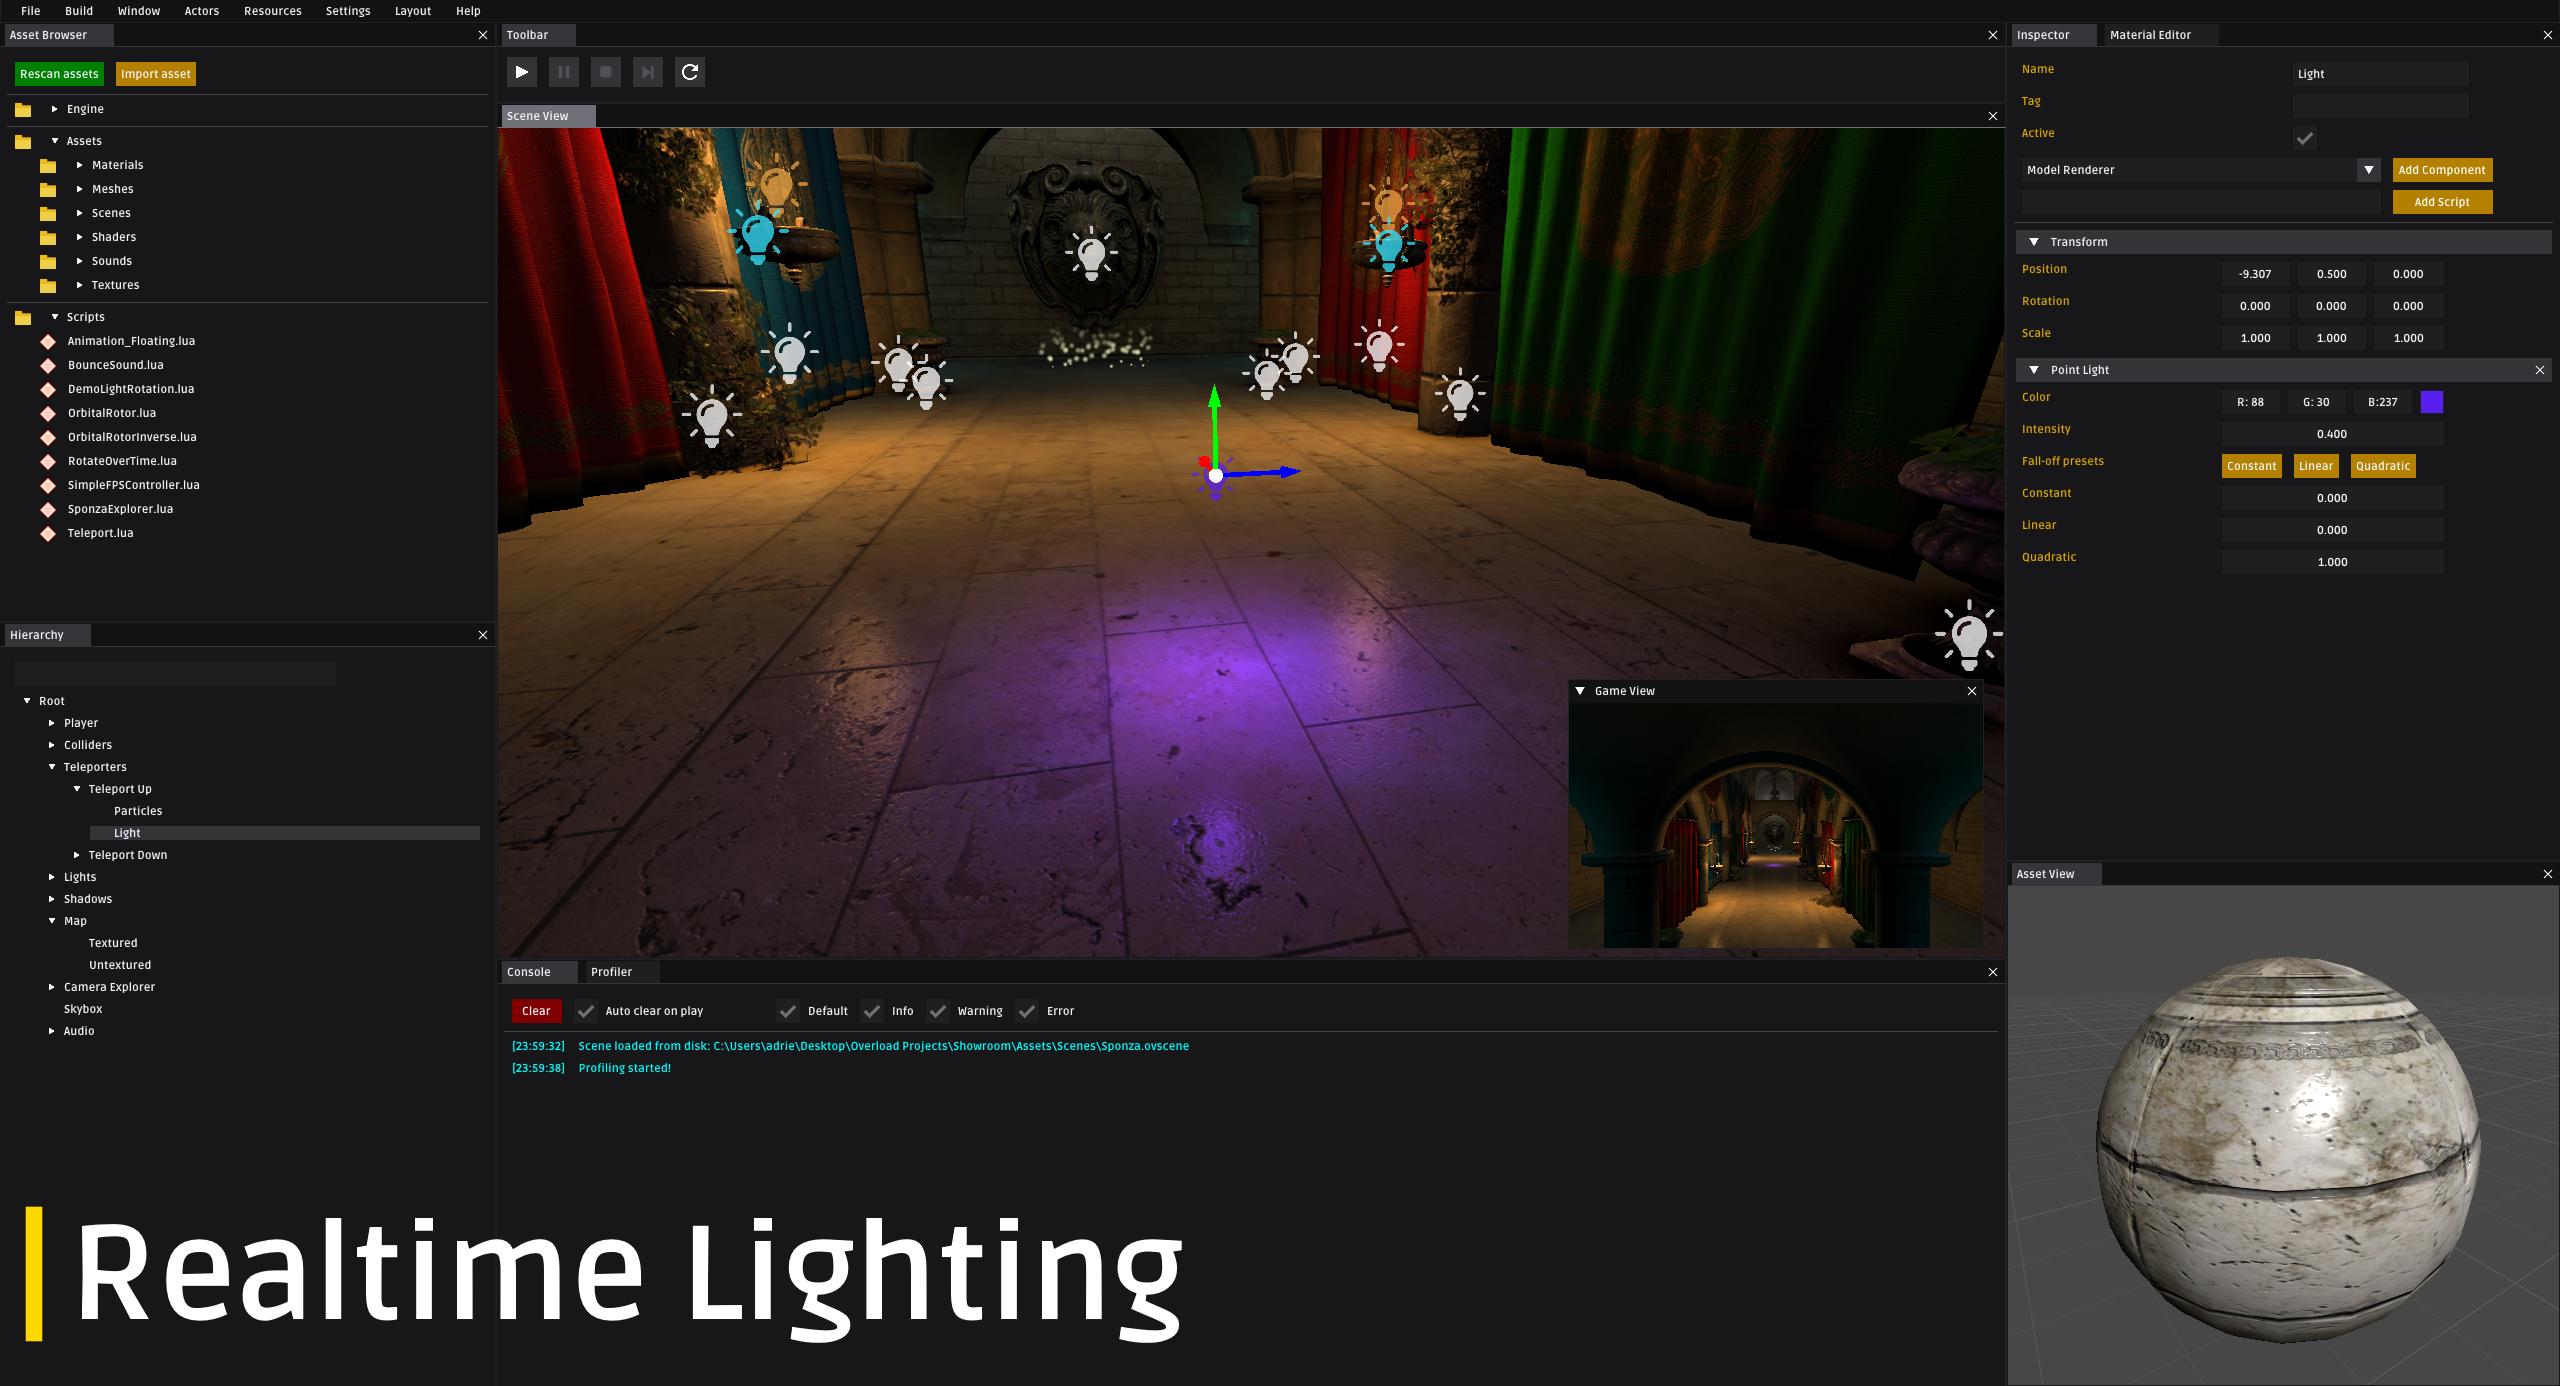 Realtime Lighting